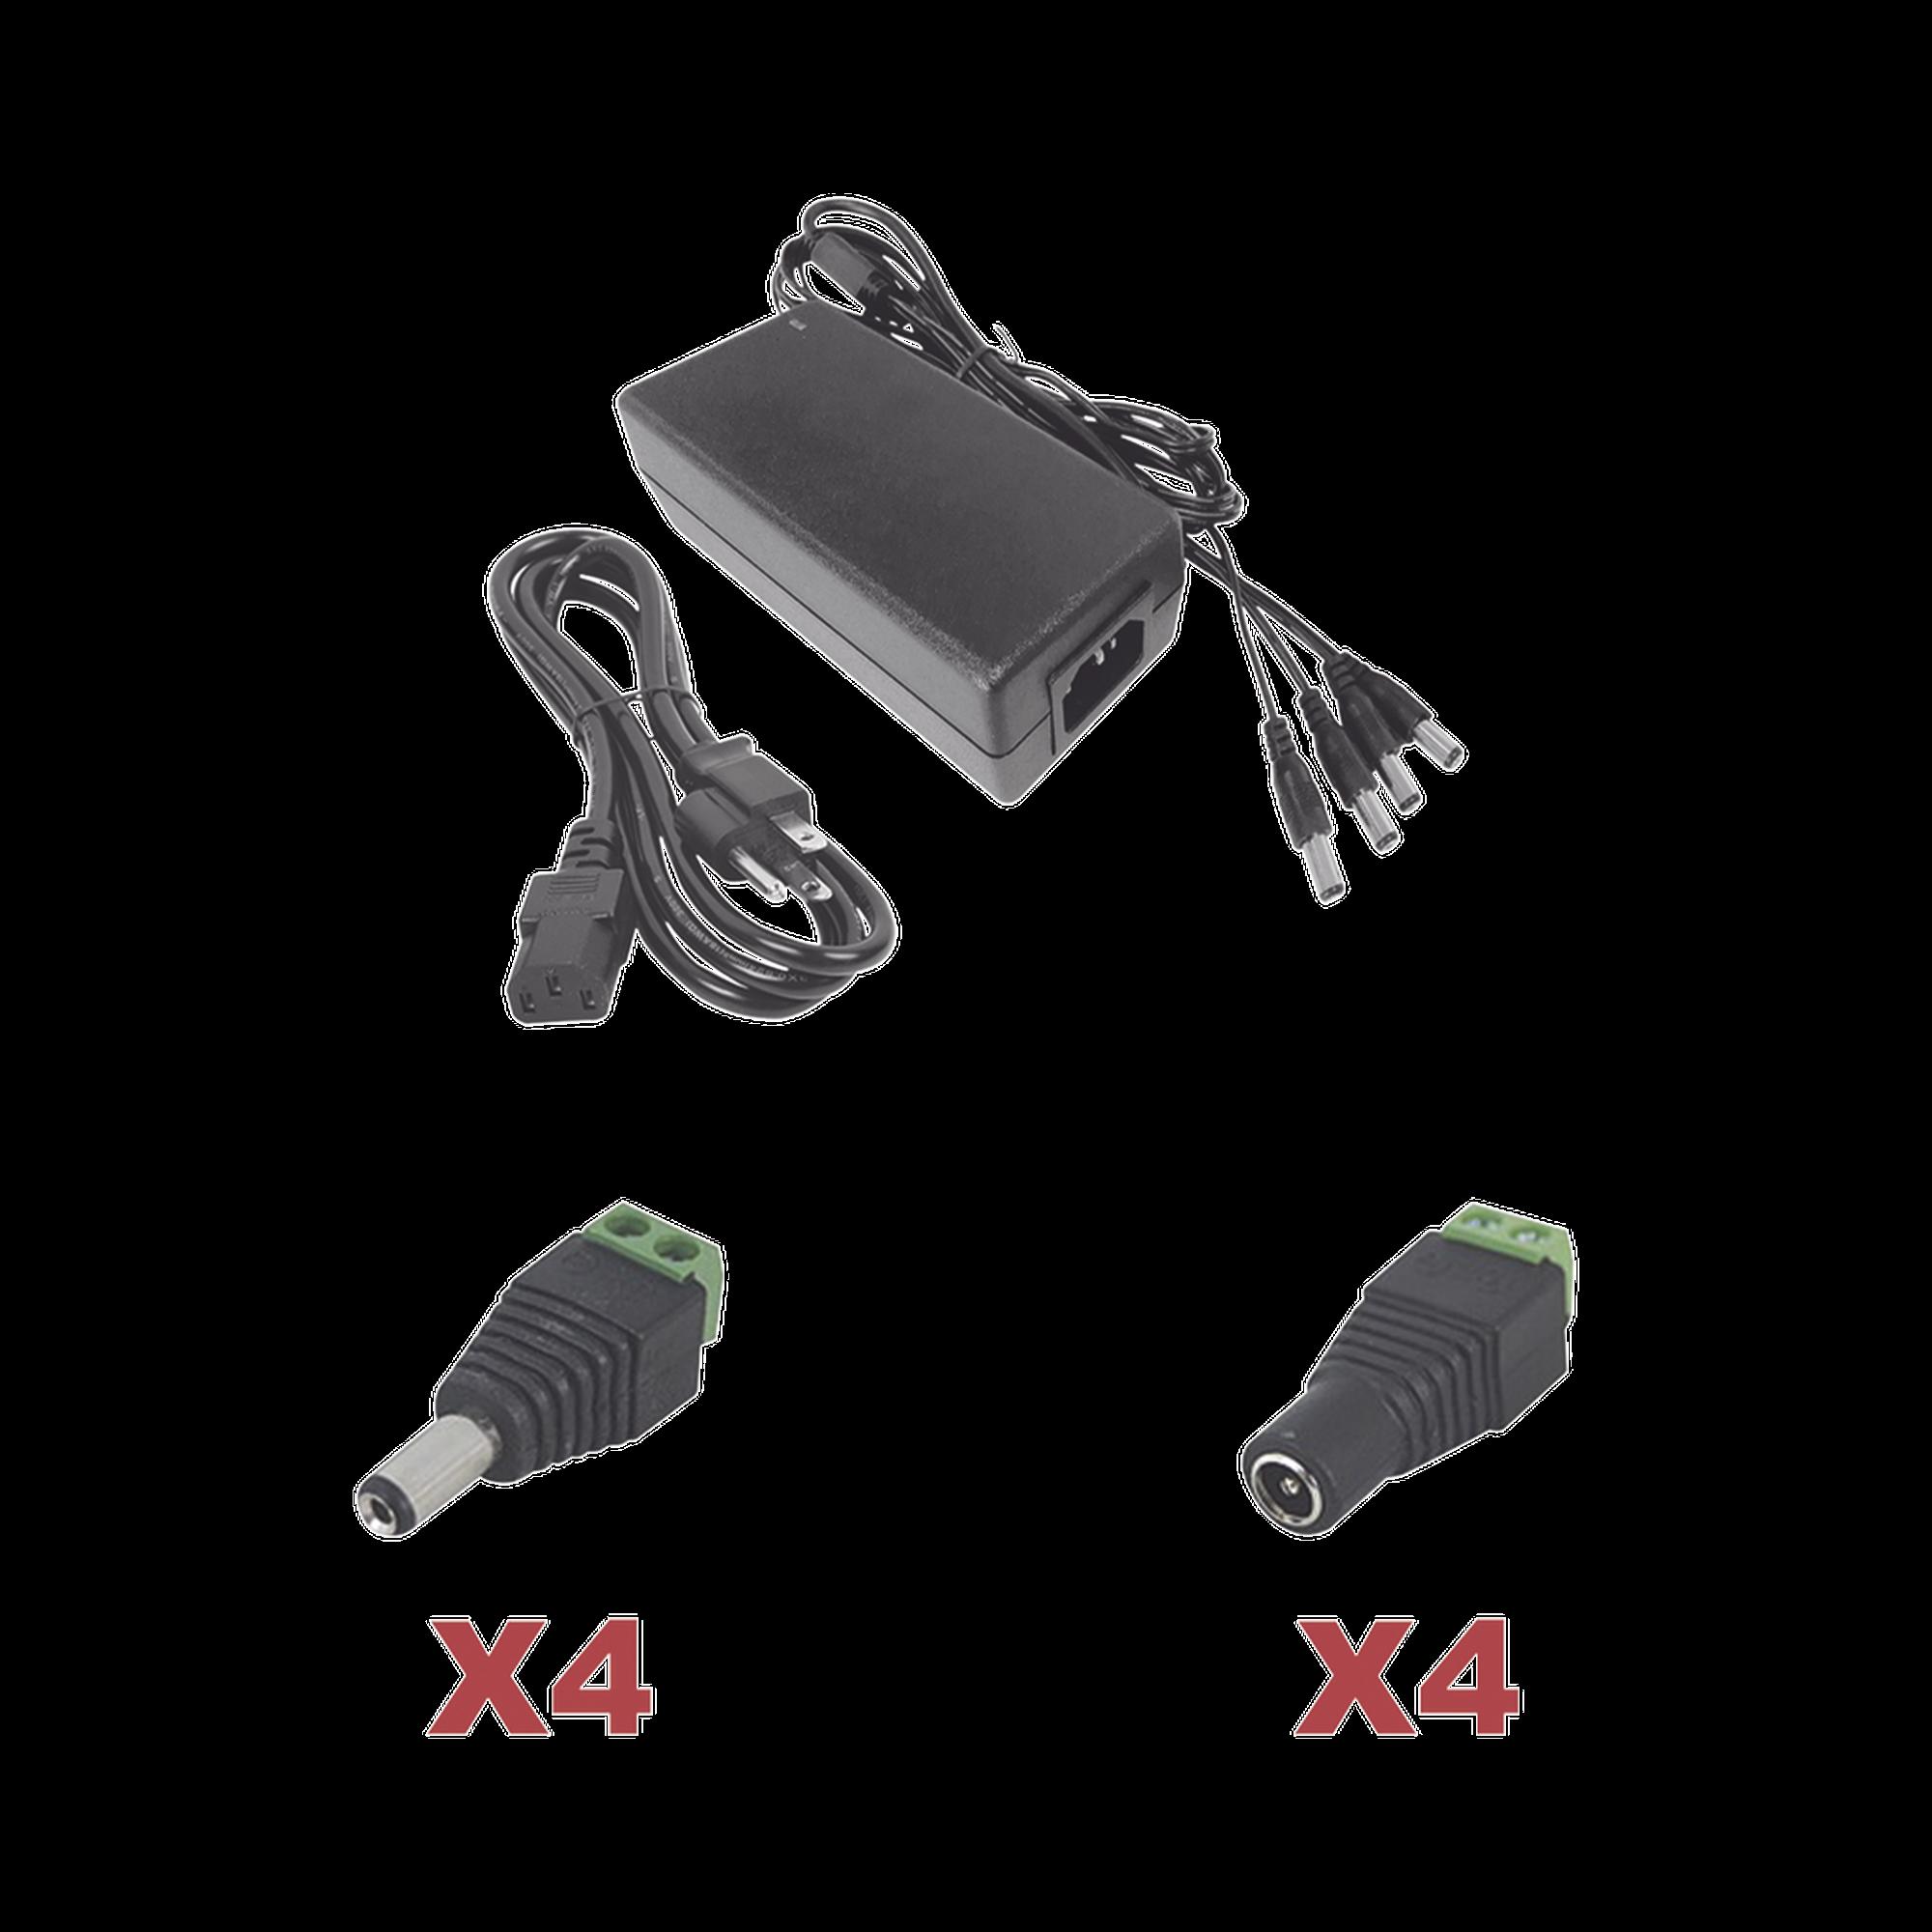 Kit con fuente EPCOM POWER LINE con salida de 12 Vcd a 5 Amper con 4 salidas / Incluye conectores JR52 y JR53